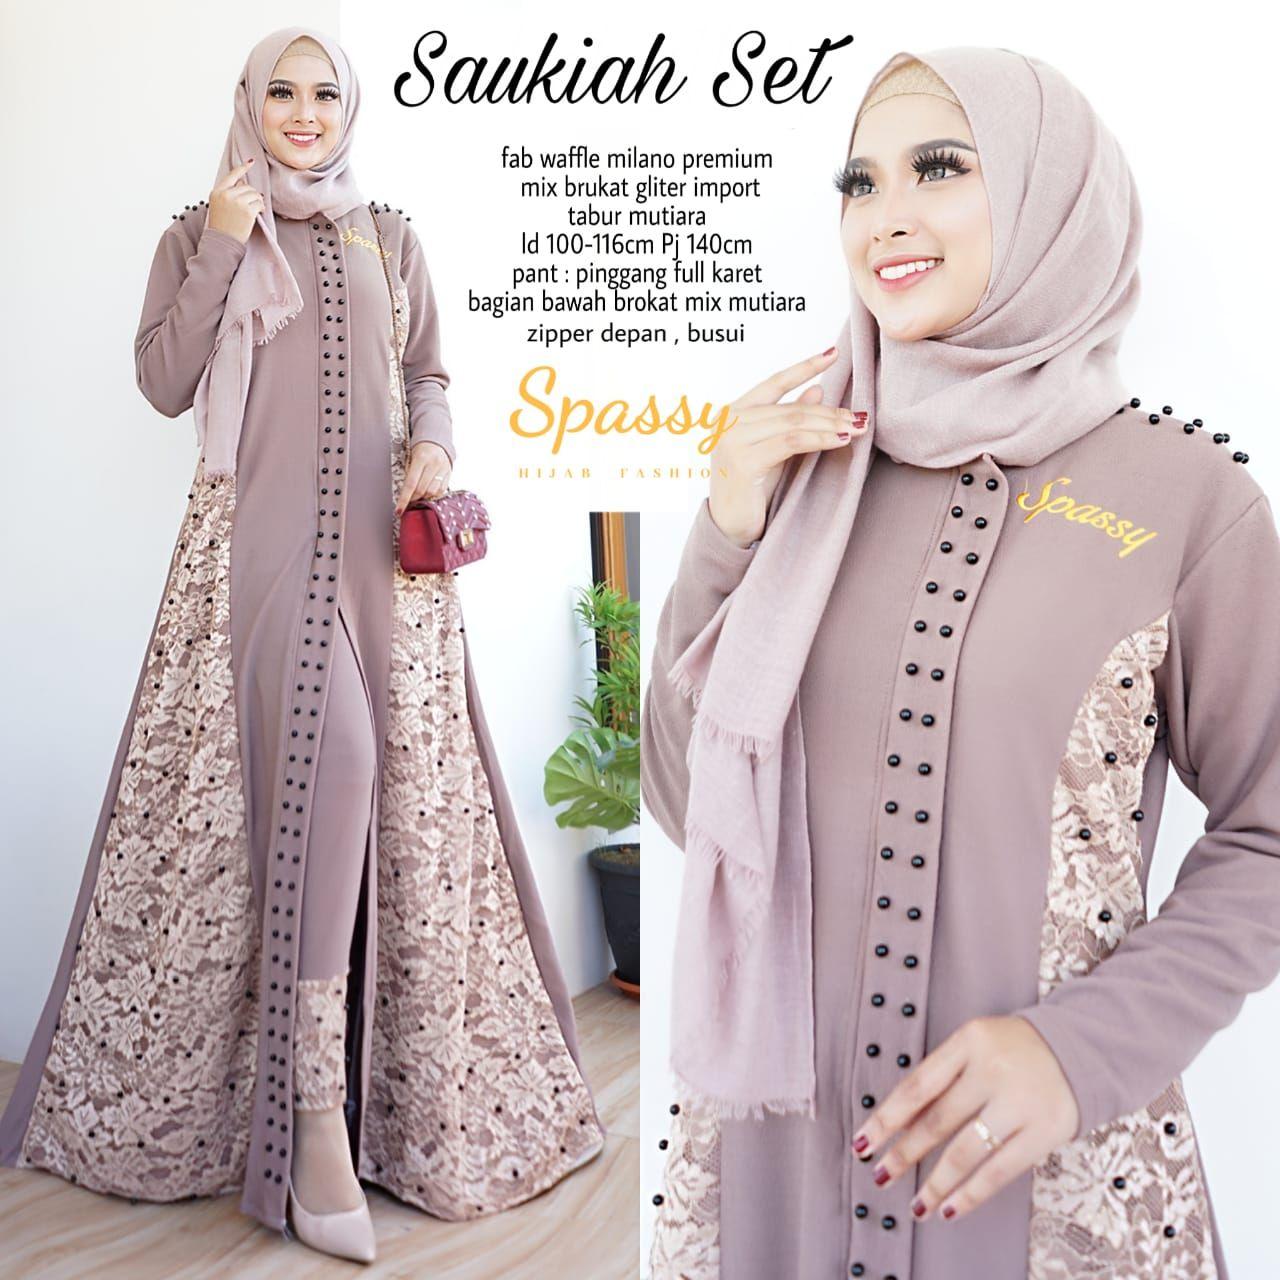 Fashion wanita-Baju wanita-Baju gamis-Baju muslim-Pakaian wanita